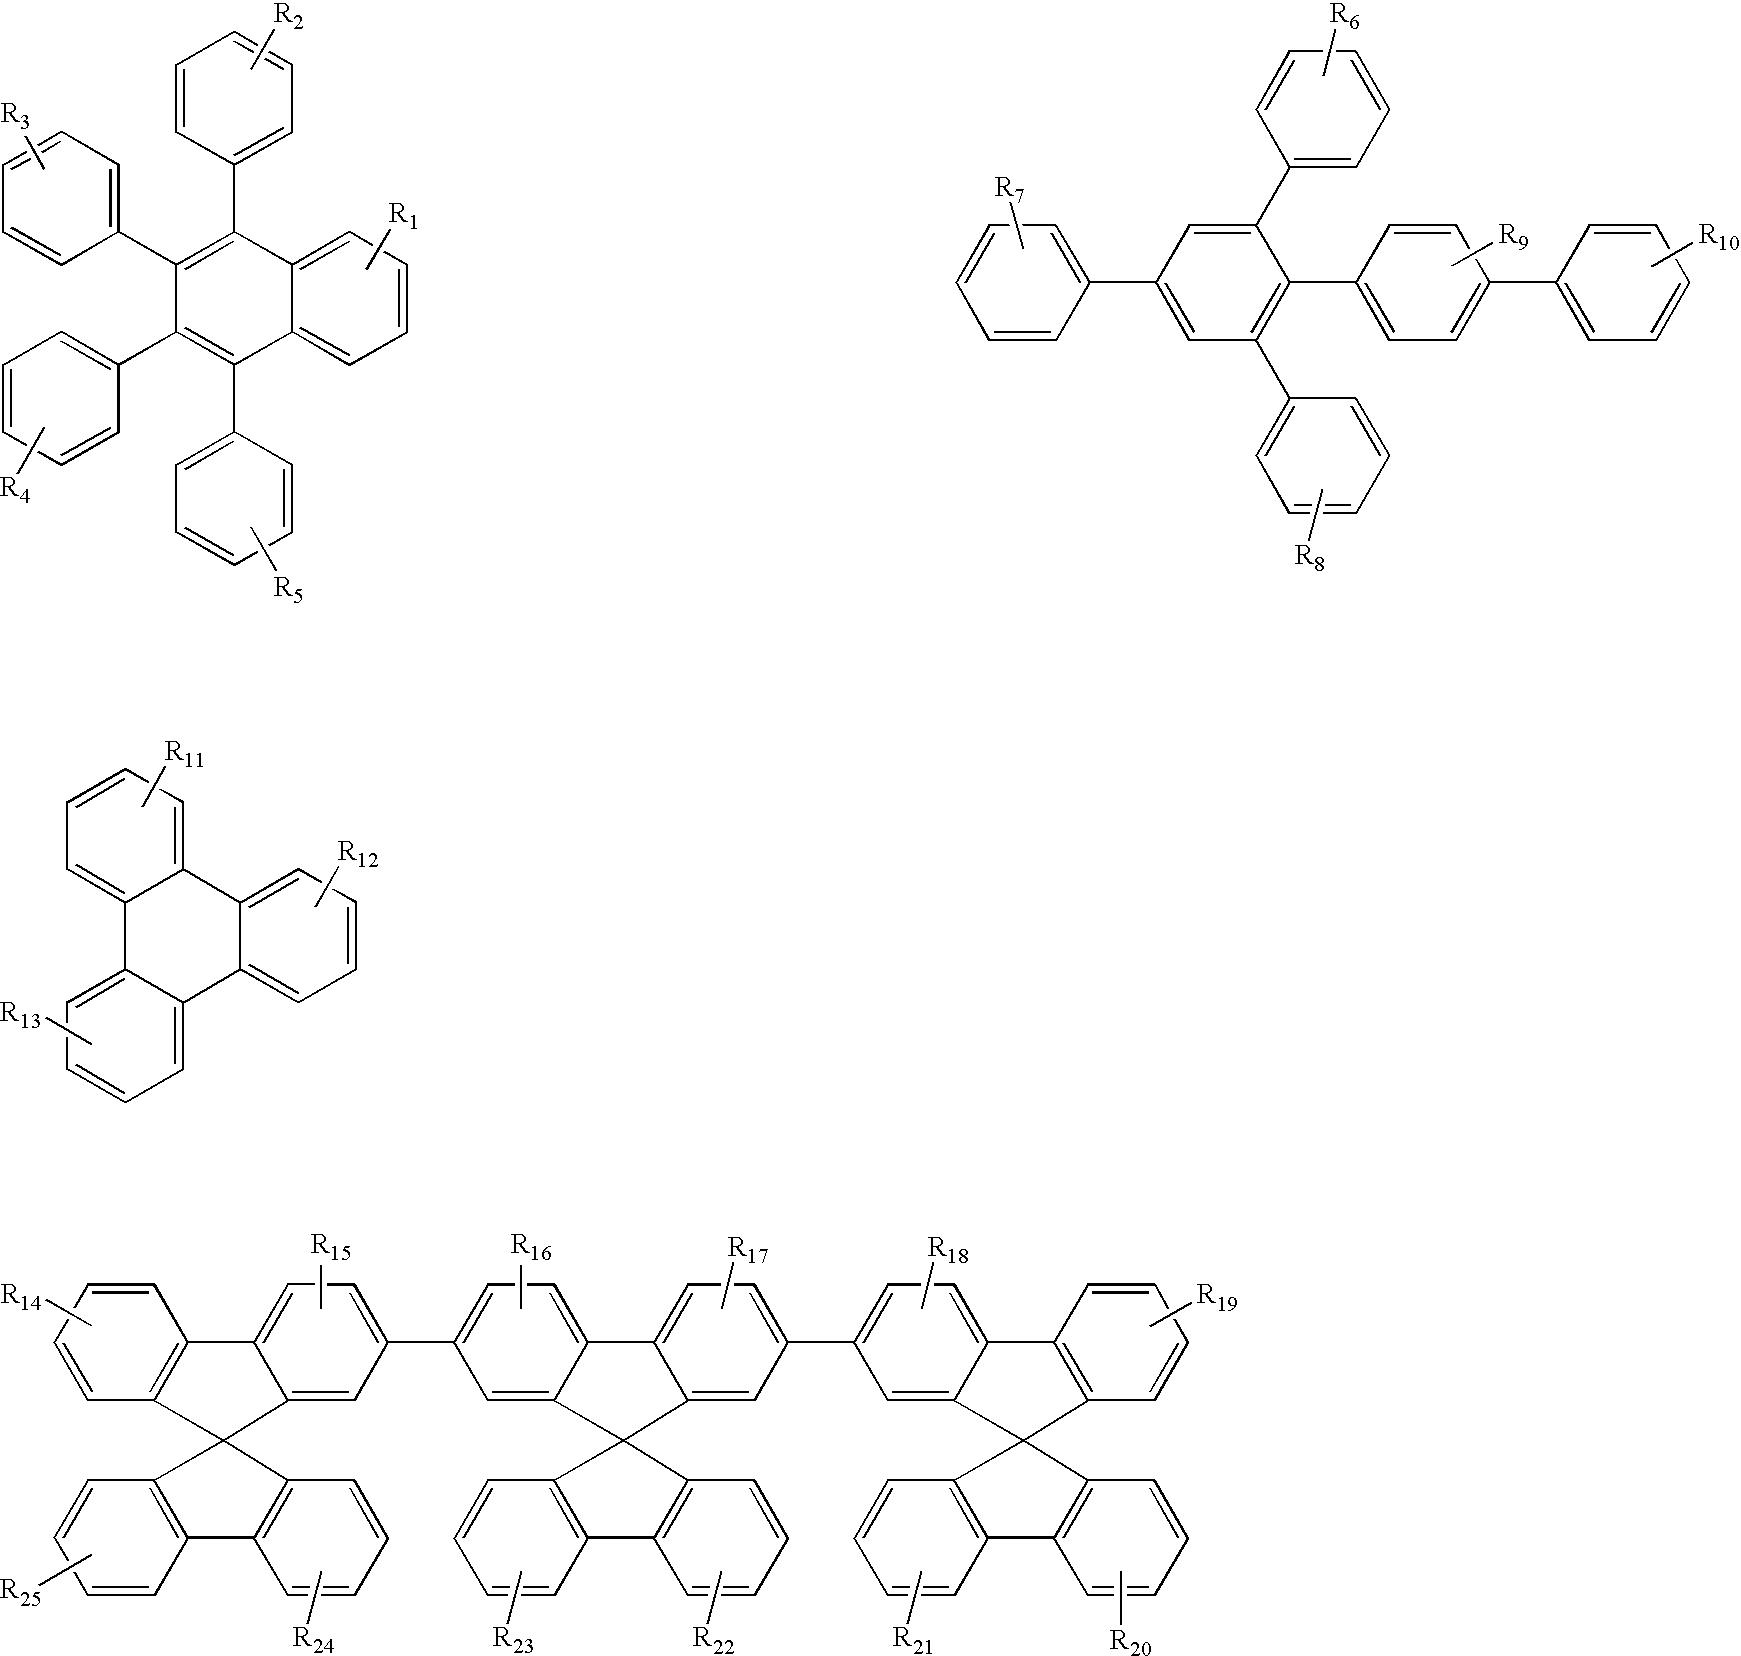 Figure US20050025993A1-20050203-C00046